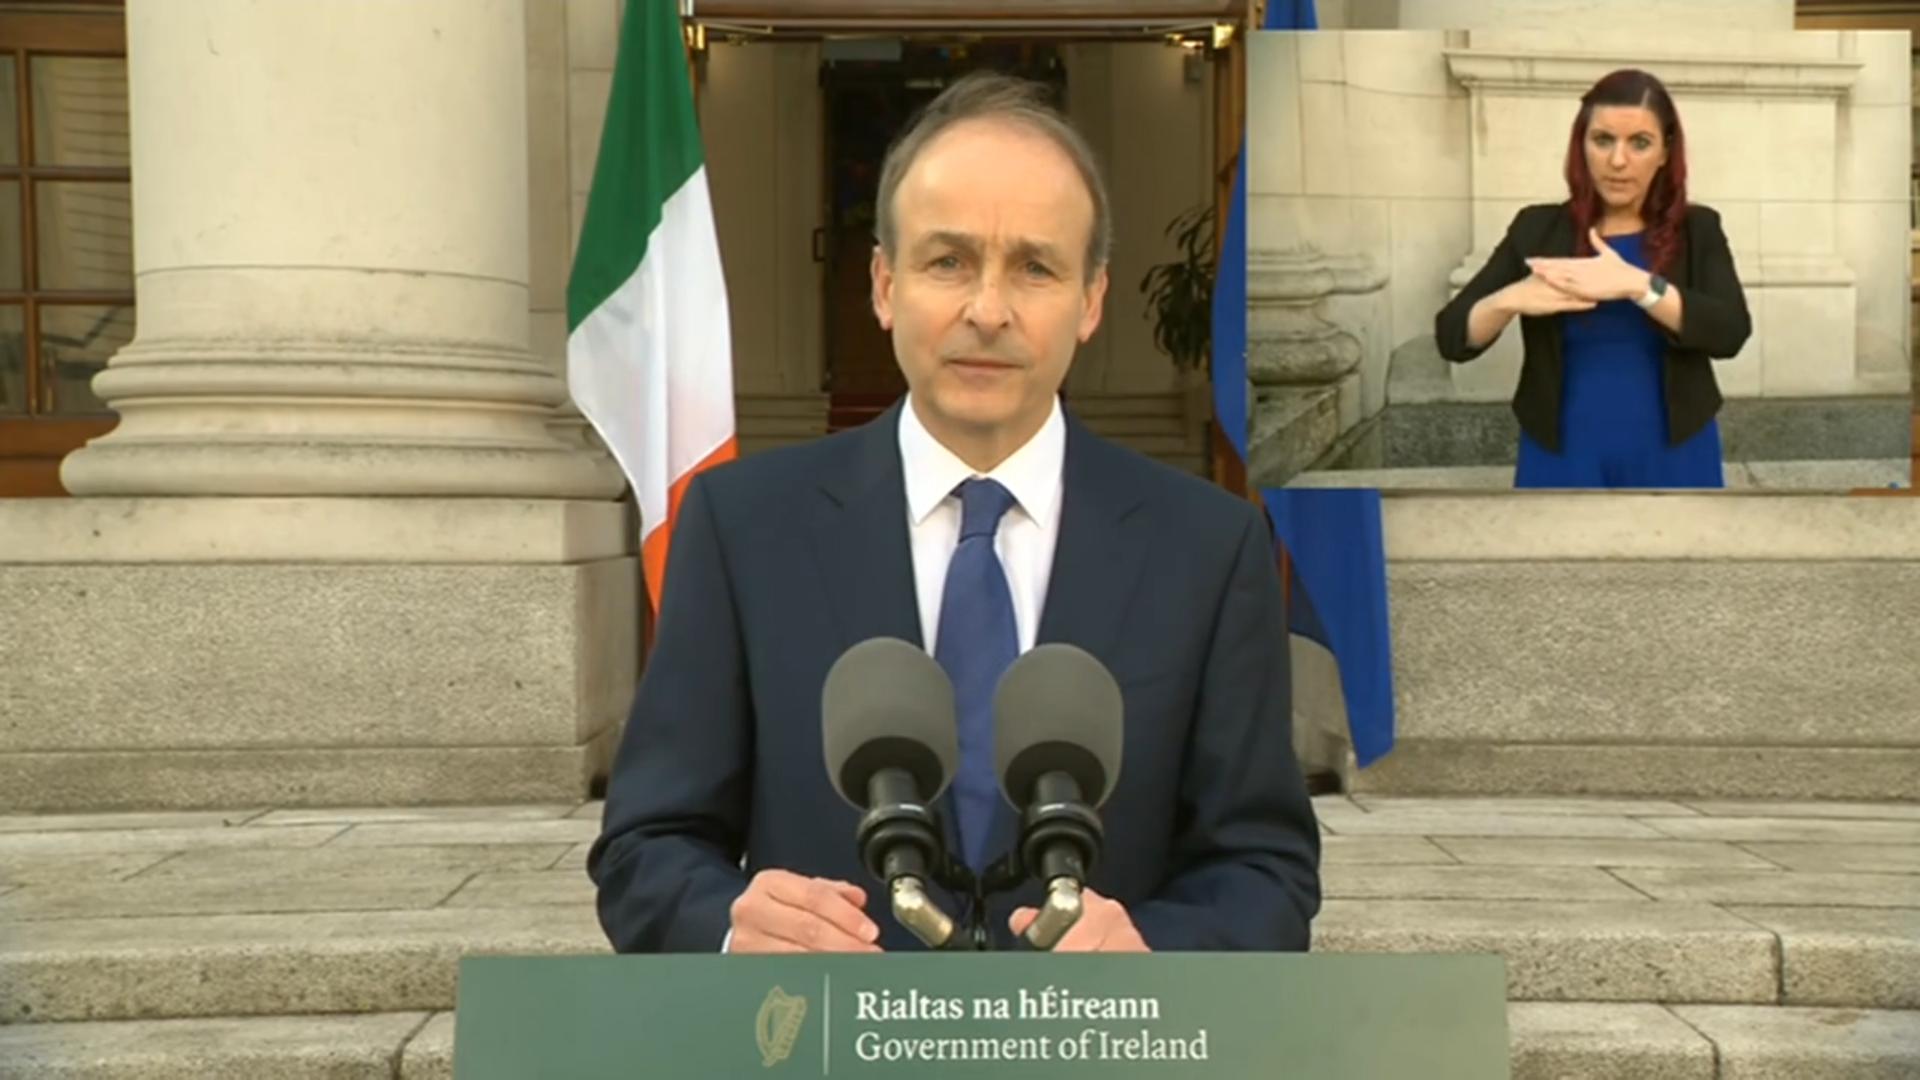 RTE Speech 26-04 @ Taoiseach Micheal Martin